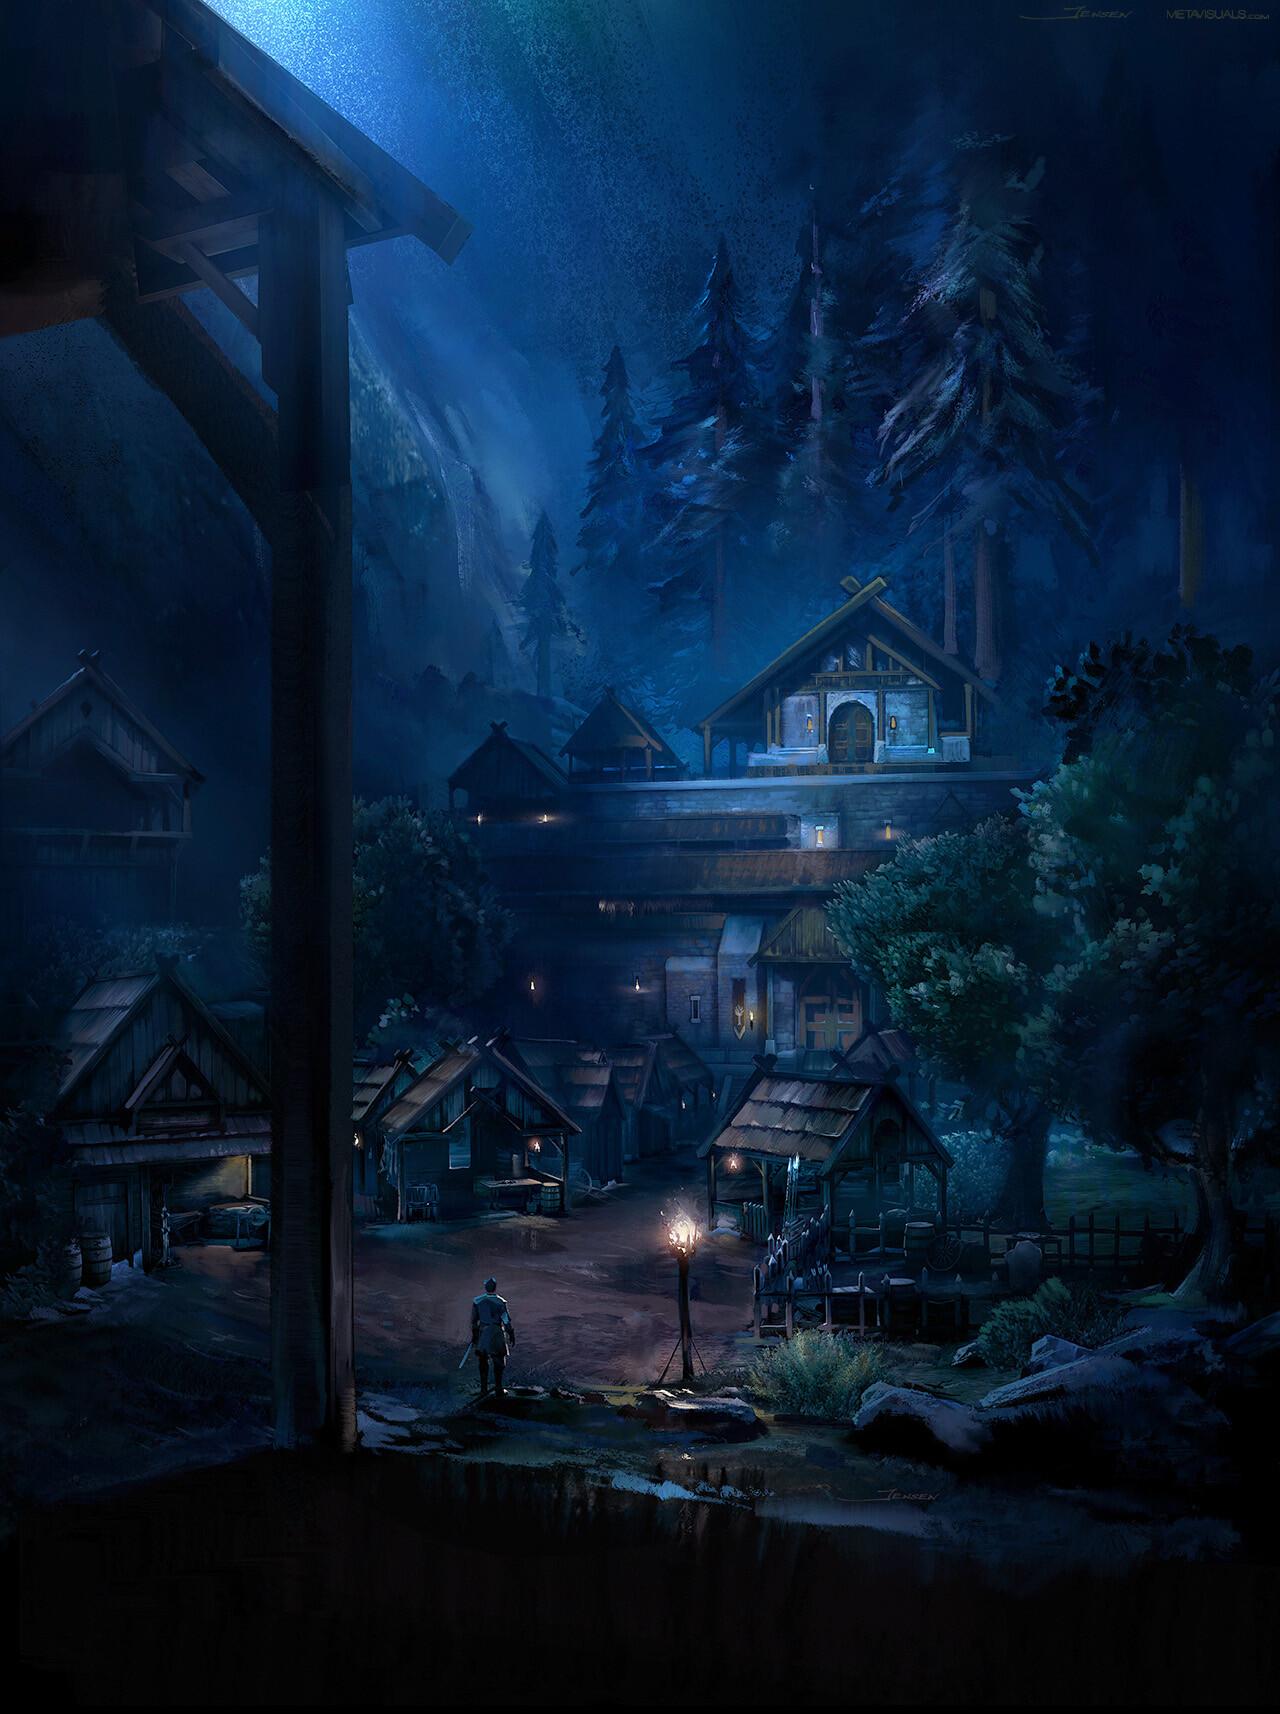 patrick-jensen-patrickjensen-gameofthrones-houseforrester-night-jensen-01.jpg